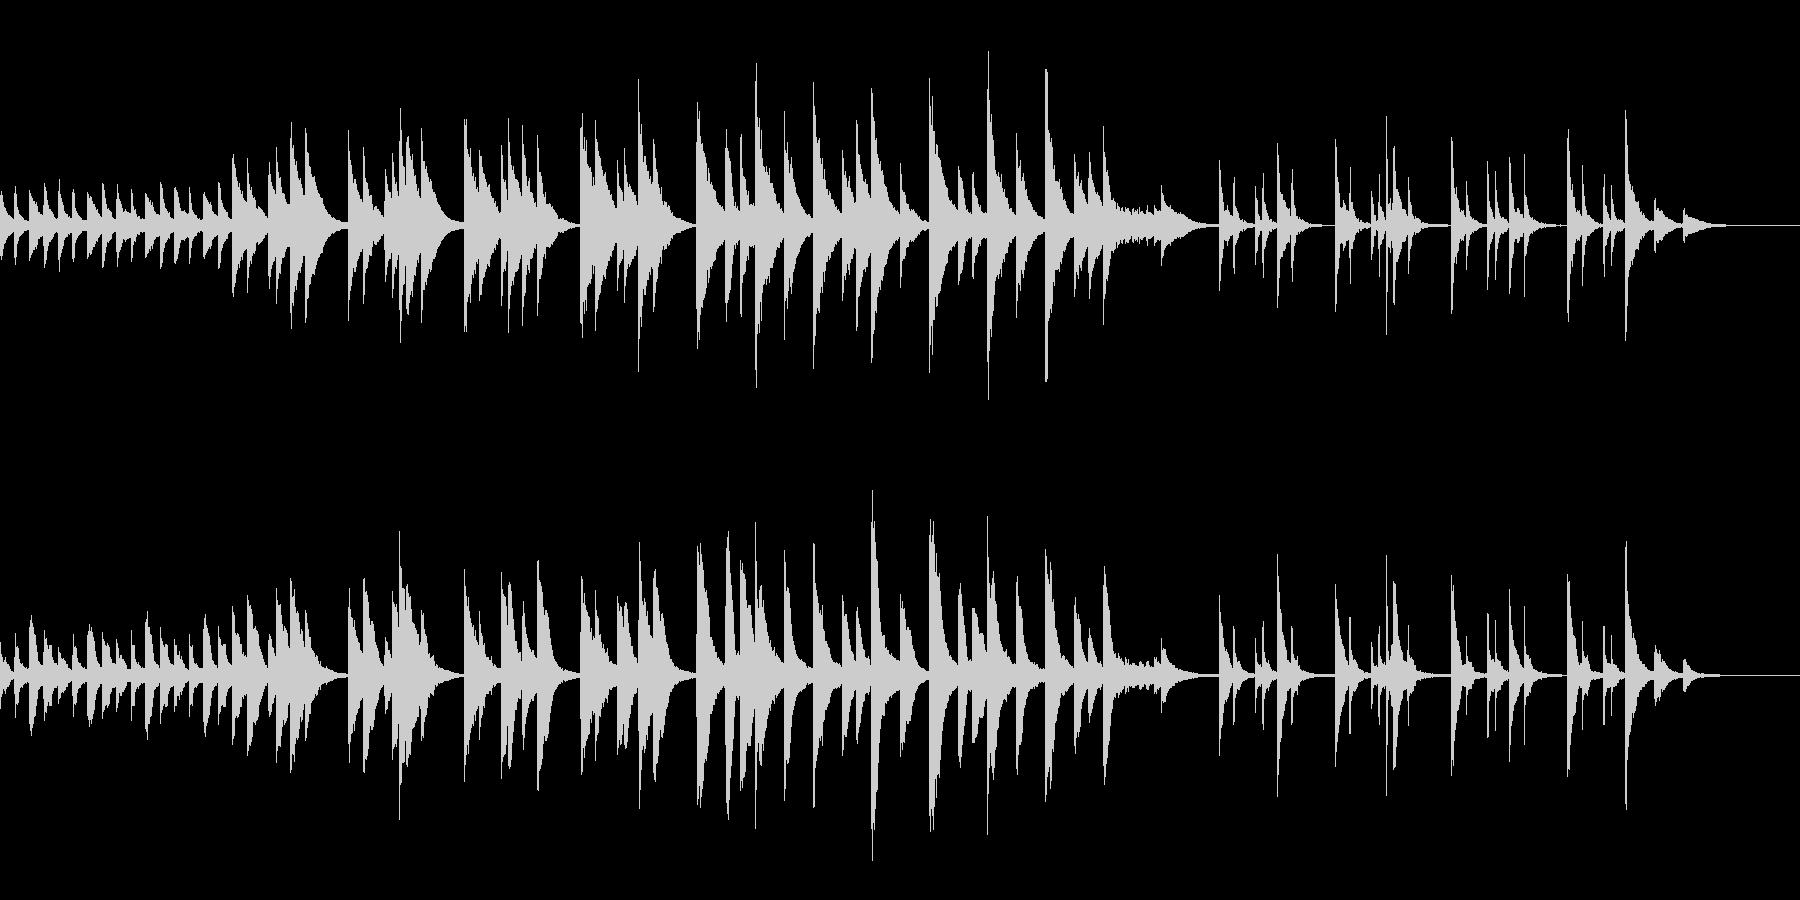 せみ時雨の中響くピアノの旋律の未再生の波形